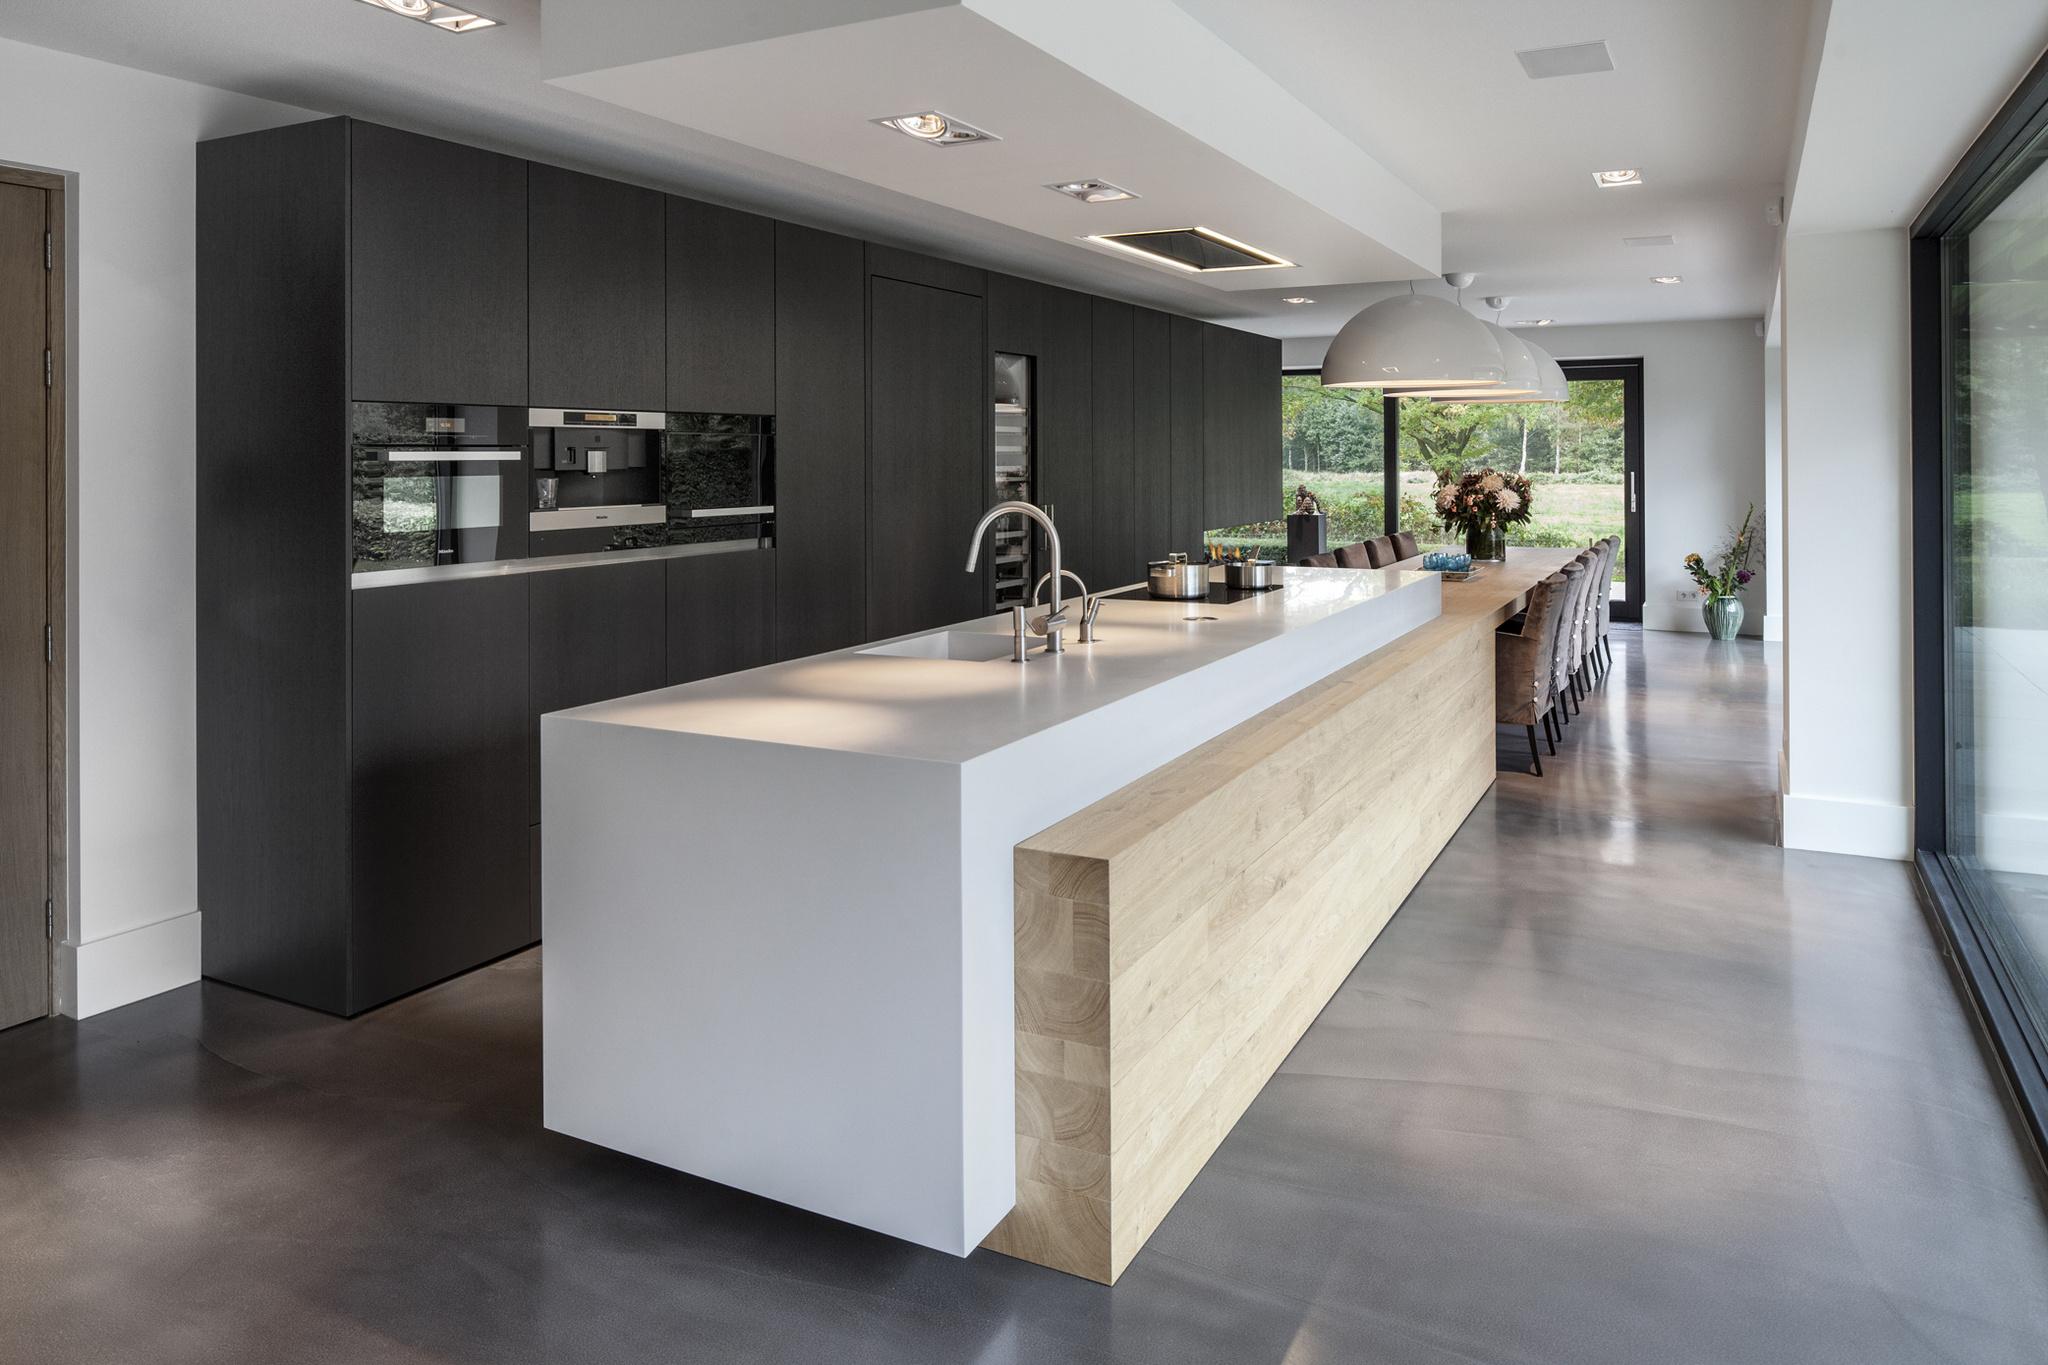 Moderne Keuken Lampen : De mooiste moderne keukens alles om van je huis je thuis te